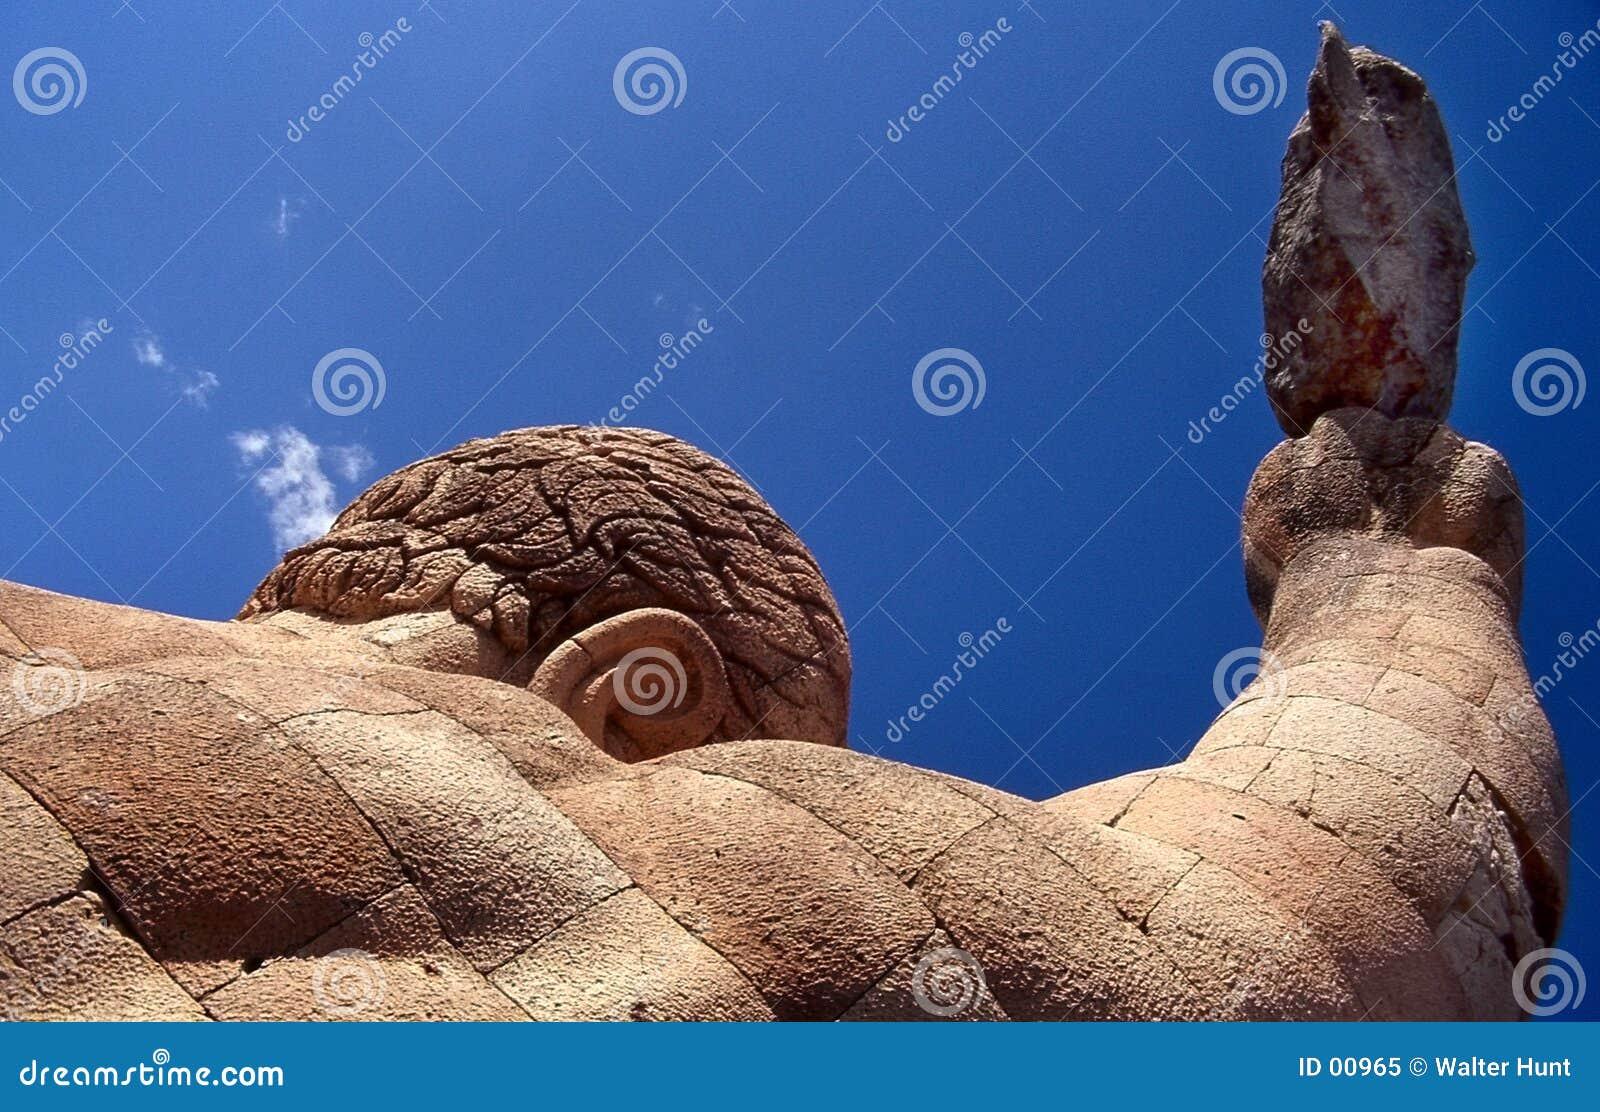 Shoulder Stone